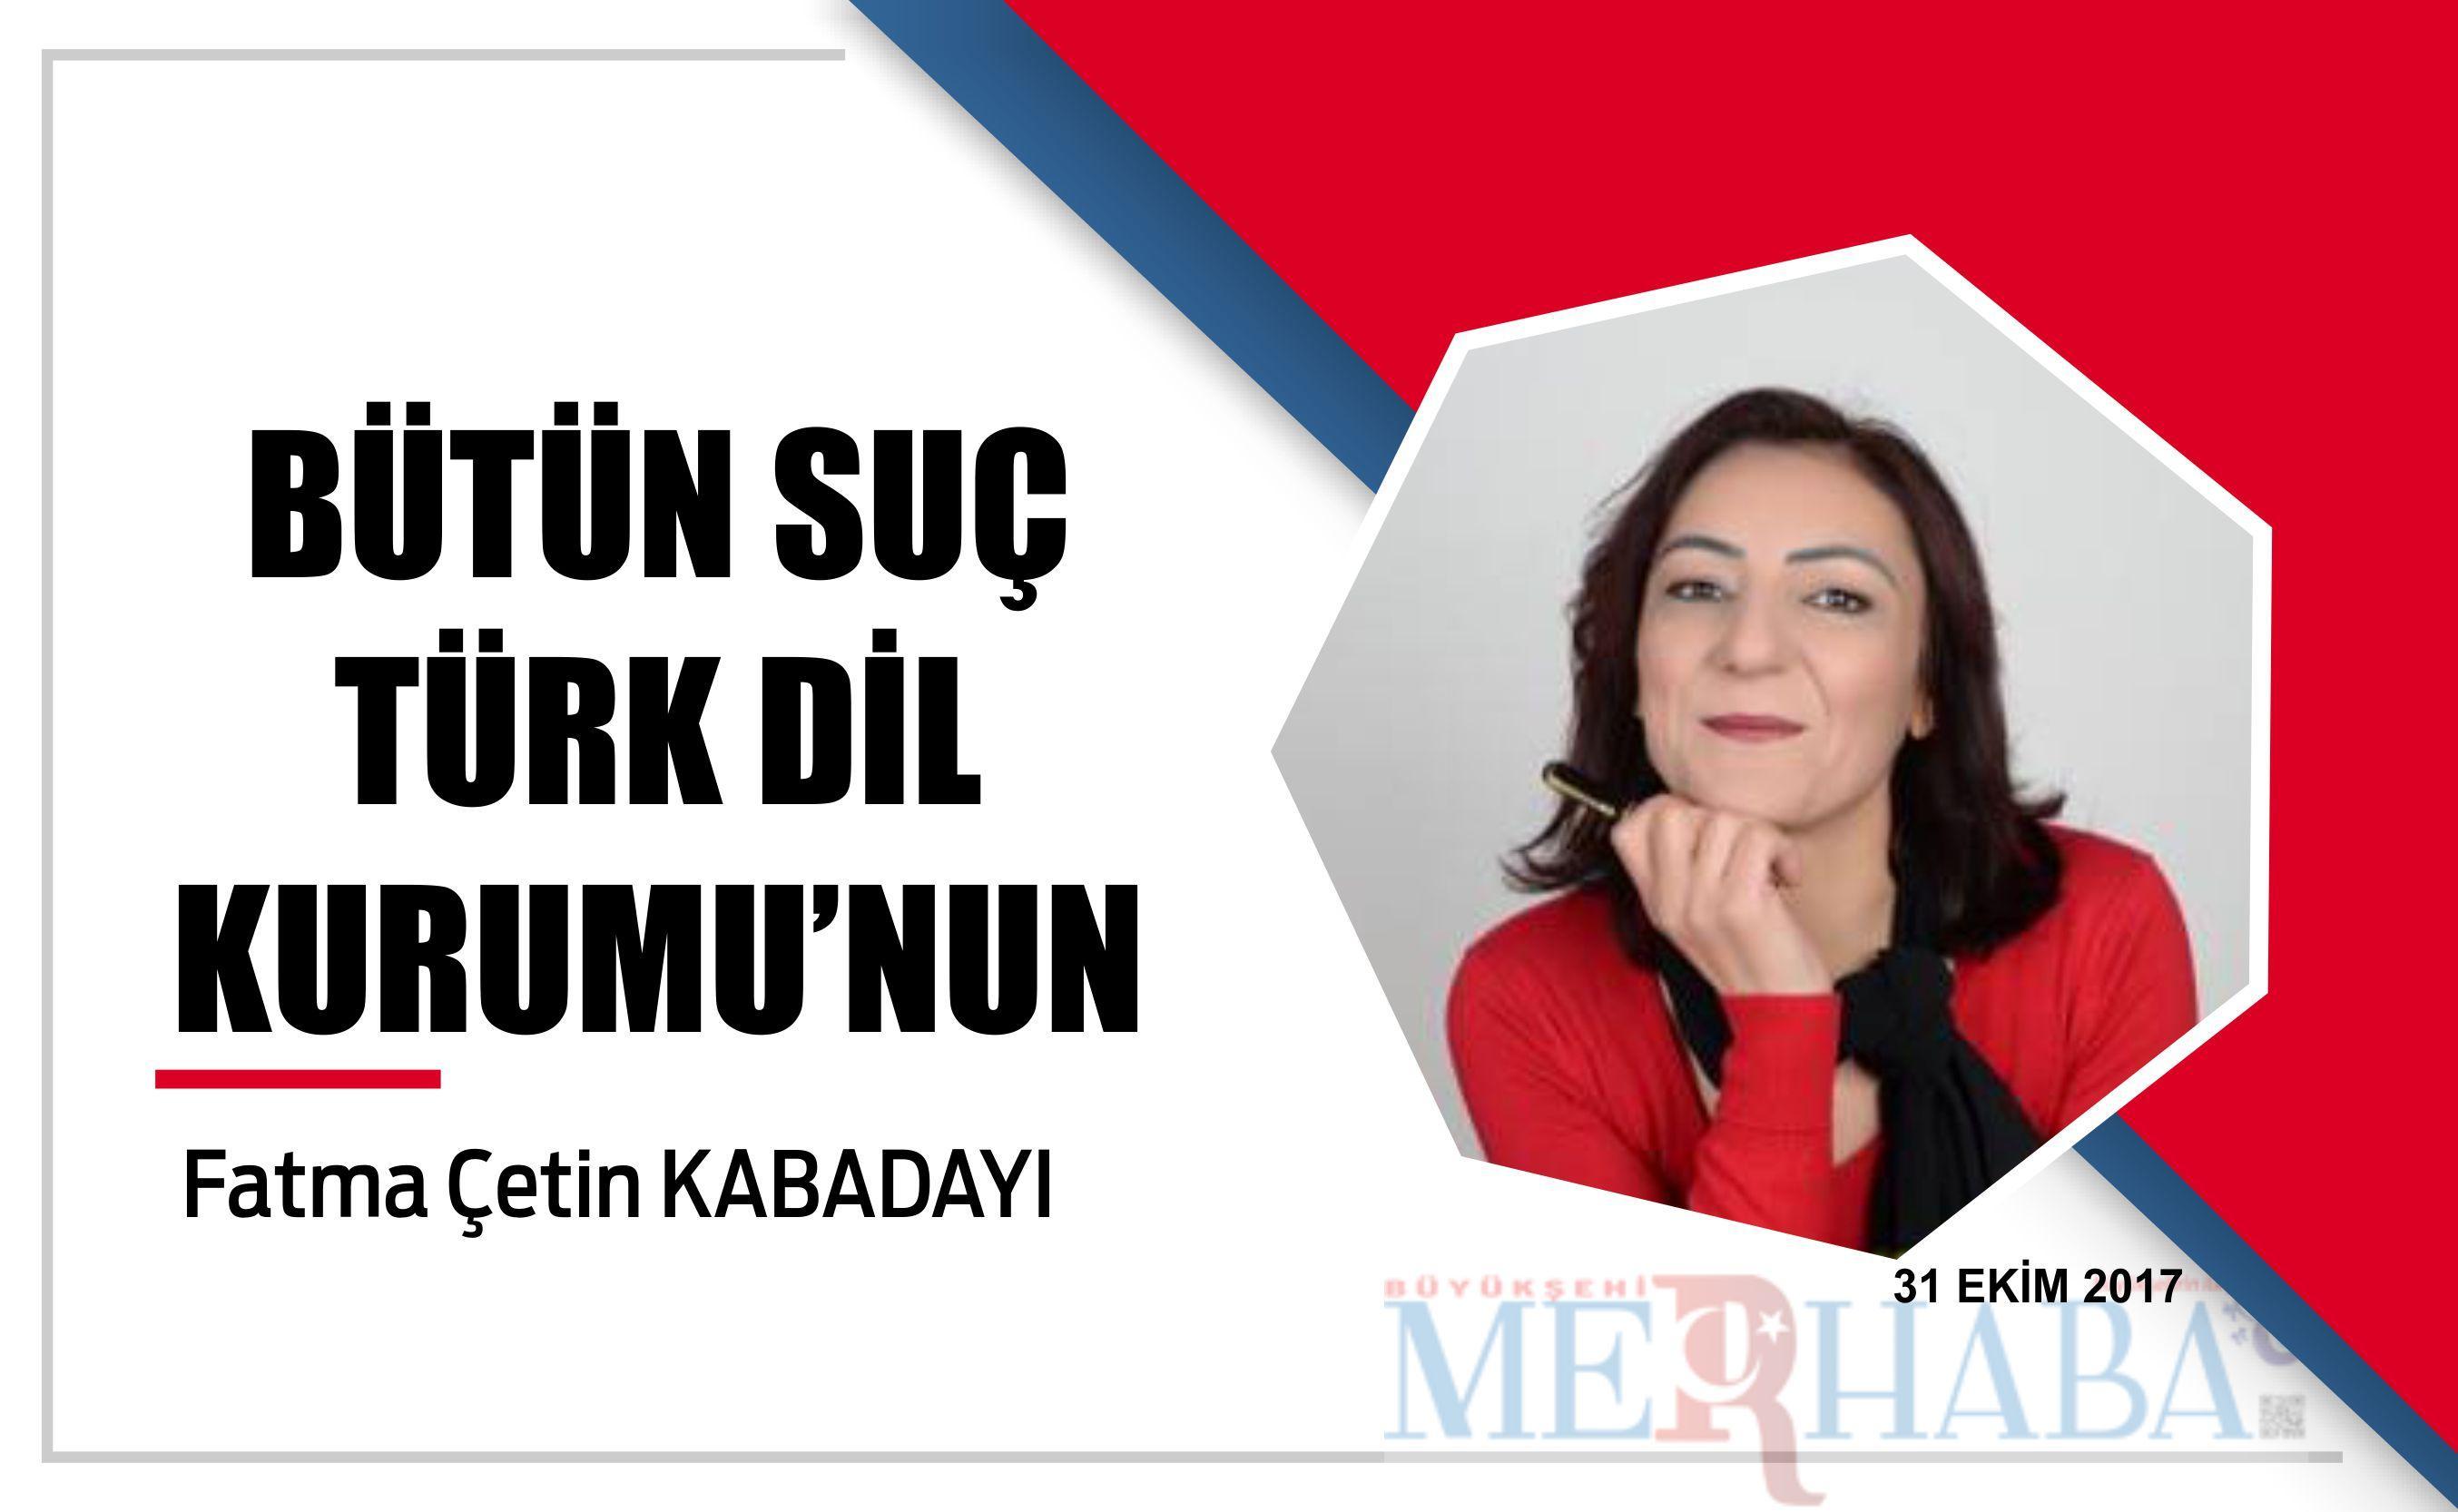 Bütün suç Türk Dil Kurumu'nun…